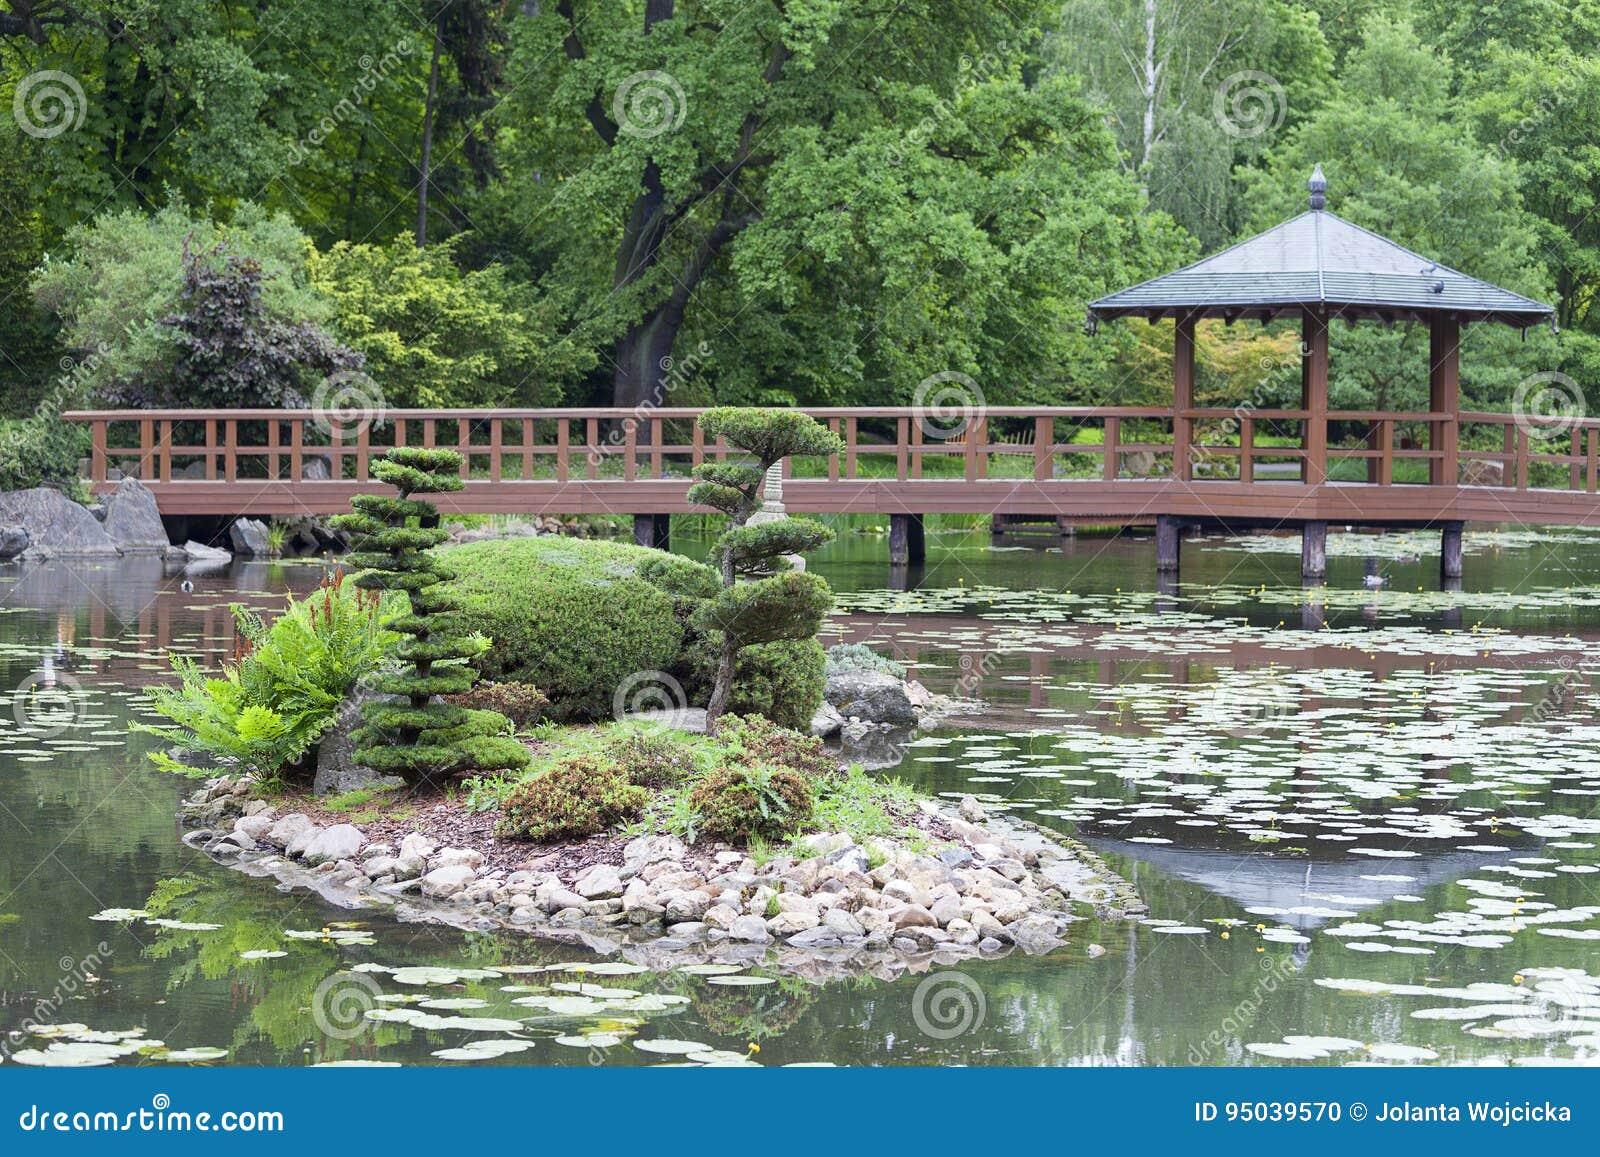 Giardino giapponese piante esotiche wroclaw polonia - Piante per giardino giapponese ...